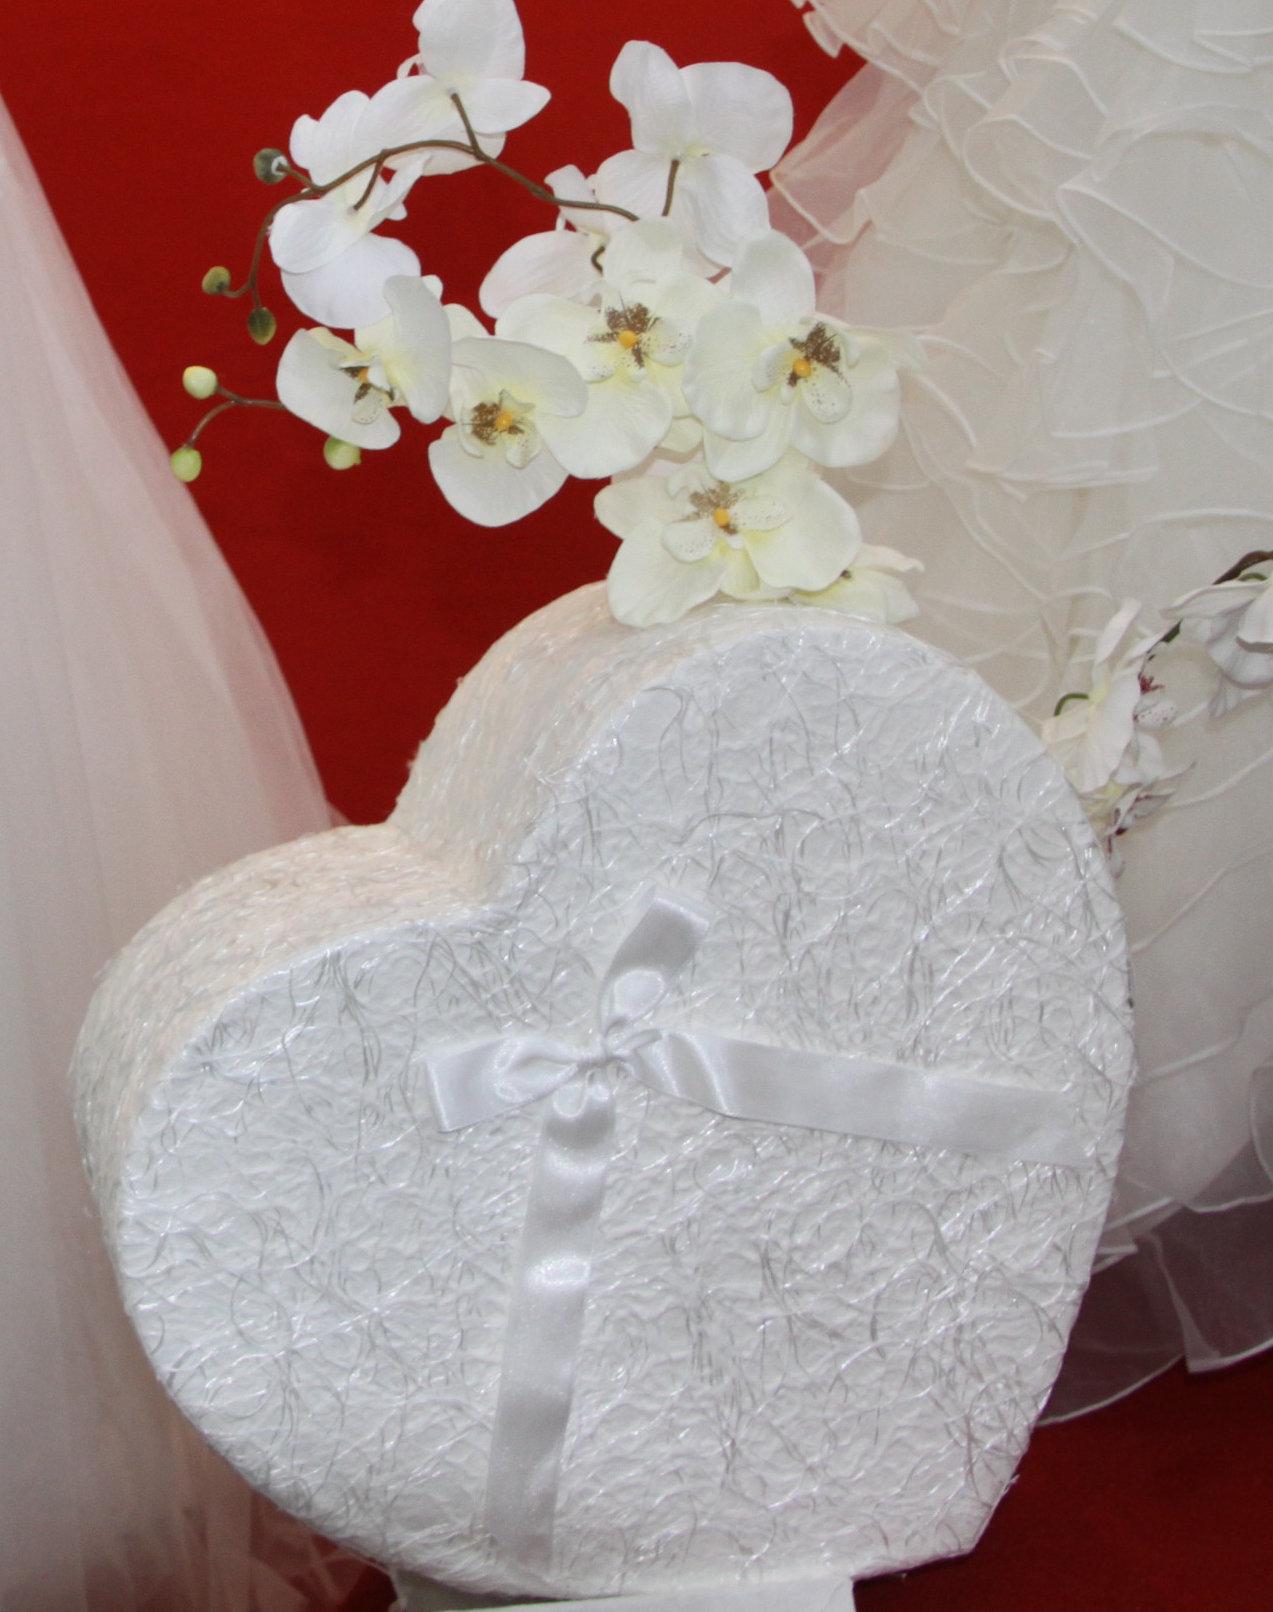 geschenkideen zur hochzeit gibt es bei sposa favola in pleidelsheim. Black Bedroom Furniture Sets. Home Design Ideas